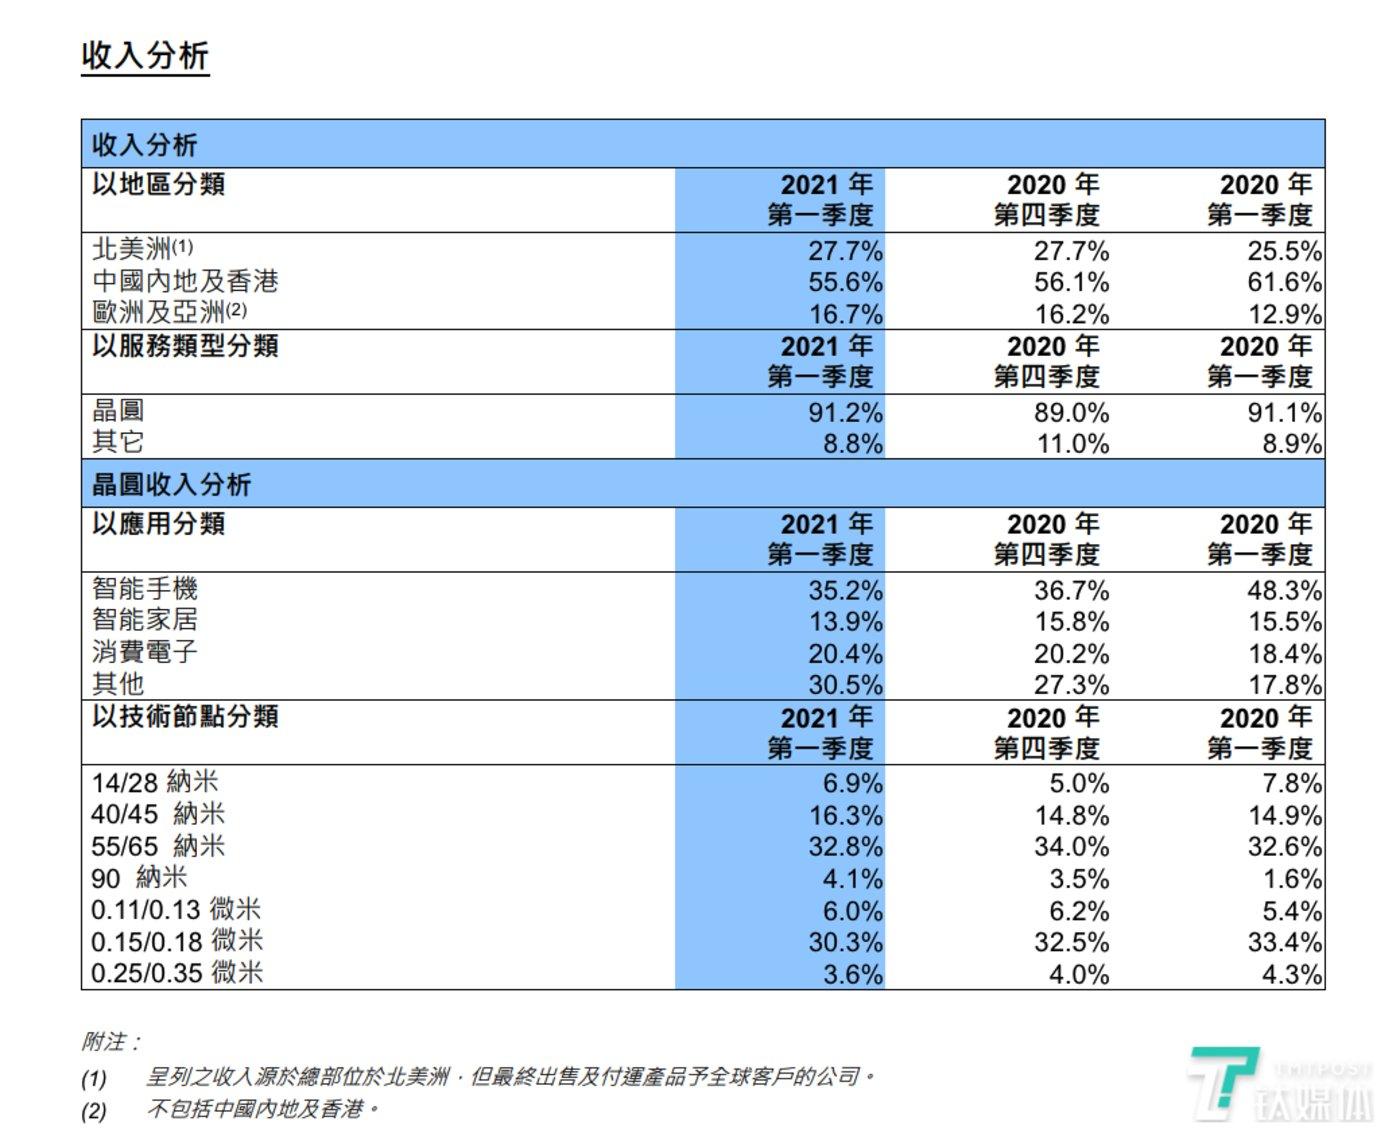 中芯国际:Q1营收同比增长22%至11亿美元,预计年底产能仍供不应求|看财报